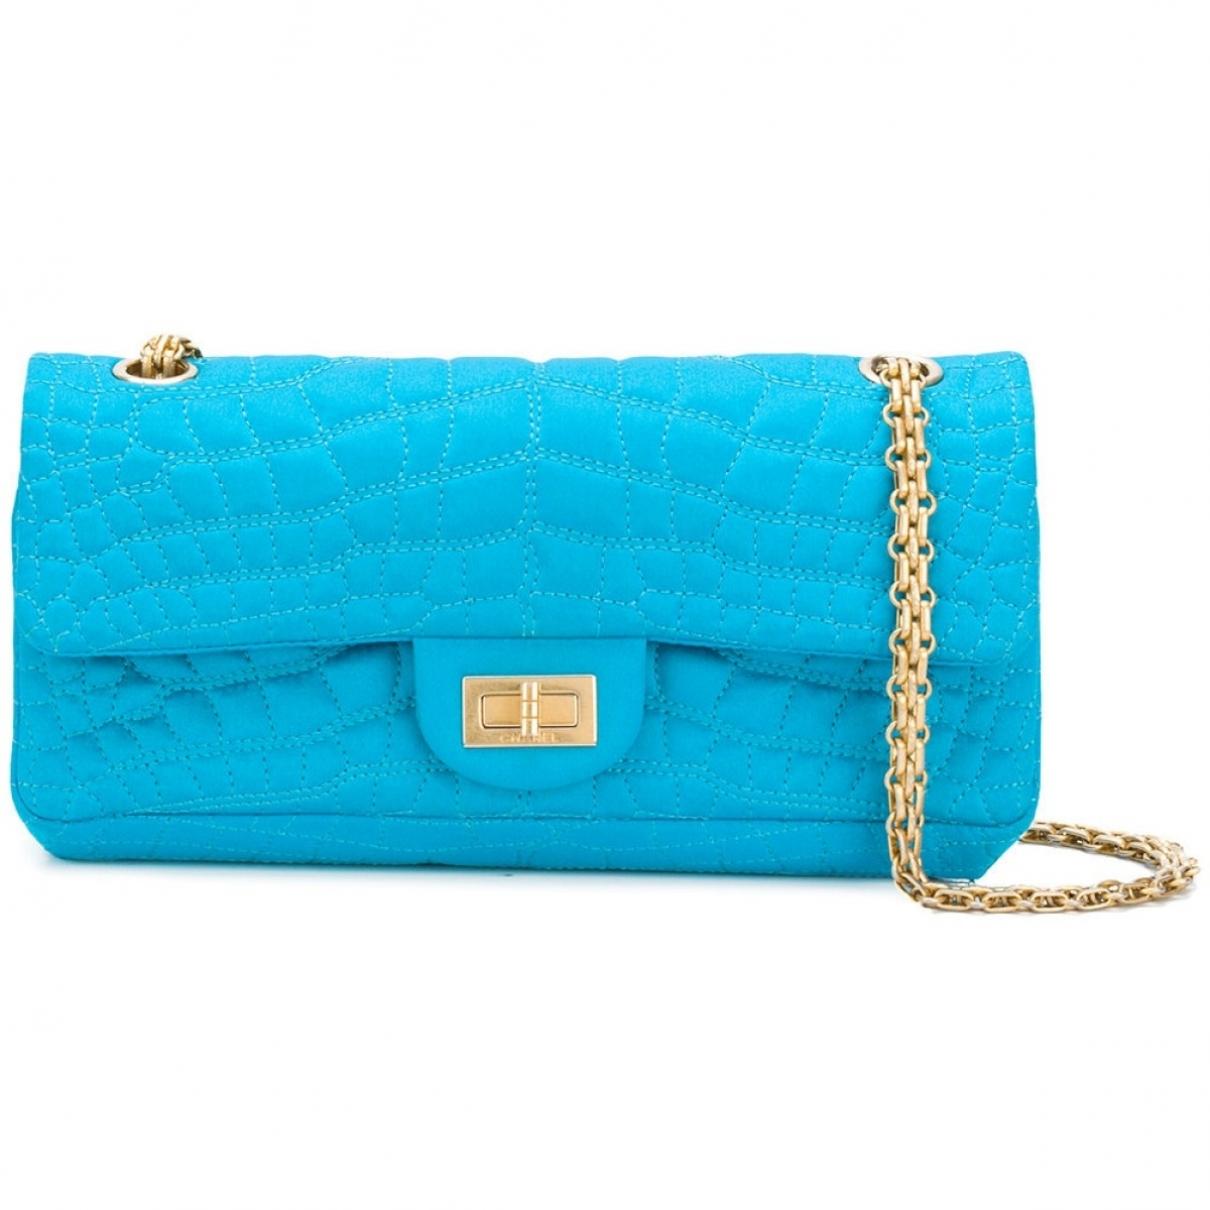 Chanel 2.55 Handtasche in  Tuerkis Leinen